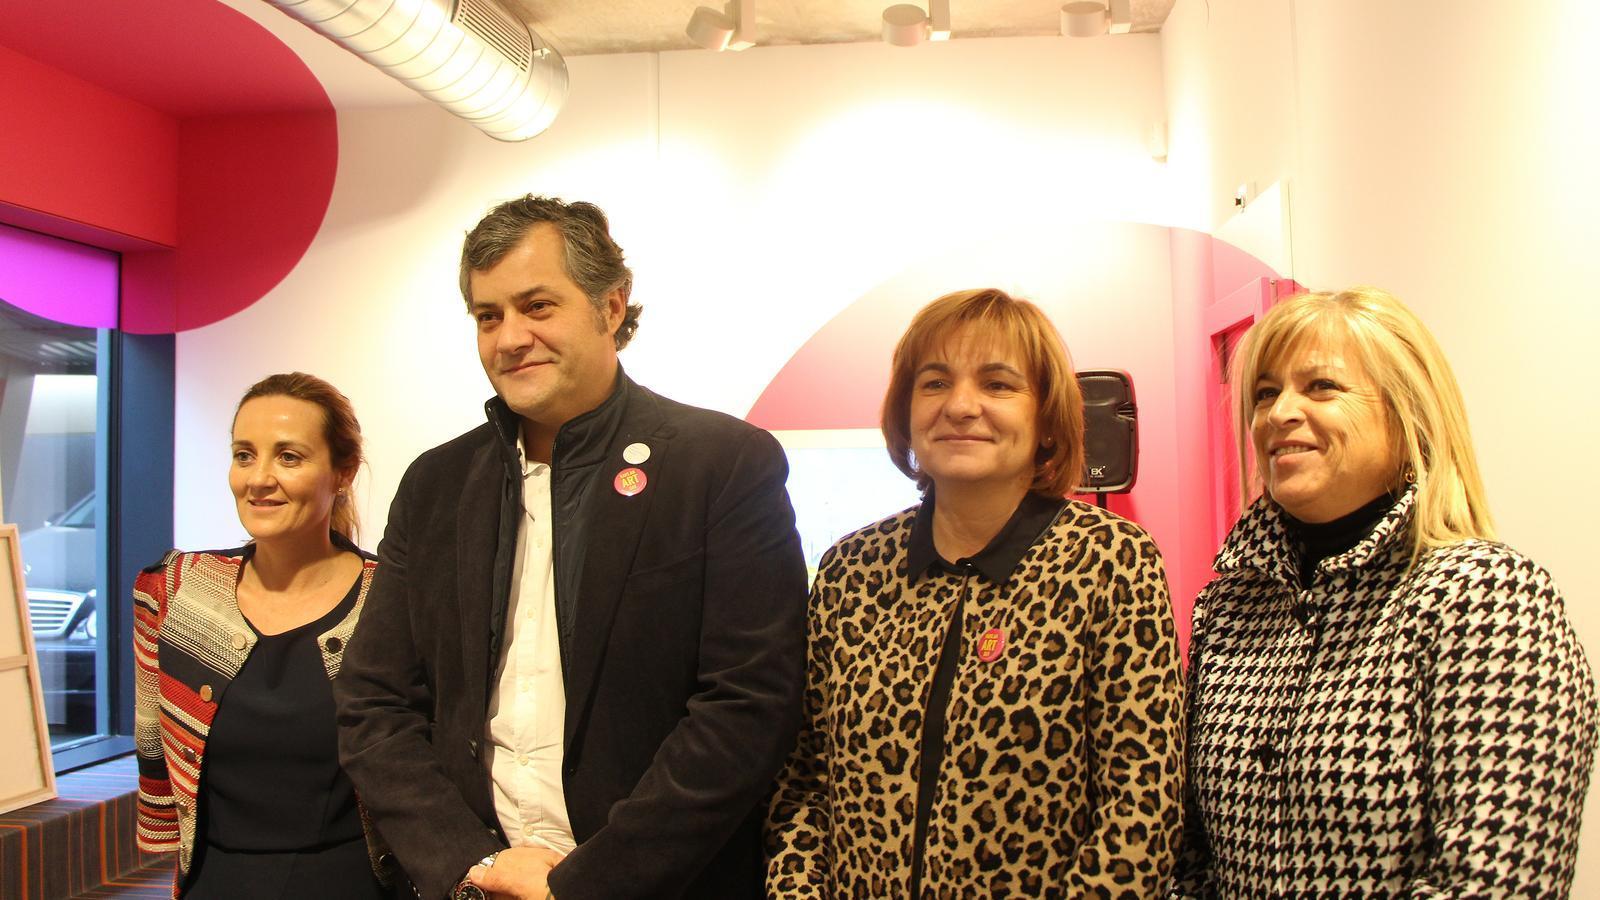 La ministra de Cultura, Olga Gelabert; el director artístic del Museu Carmen Thyssen Andorra, Guillermo Cervera; la cònsol major d'Escaldes-Engordany, Trini Marín, i la directora del departament de Promoció Cultural i Política Lingüística, Montserrat Planelles. / ANA (M.F.)